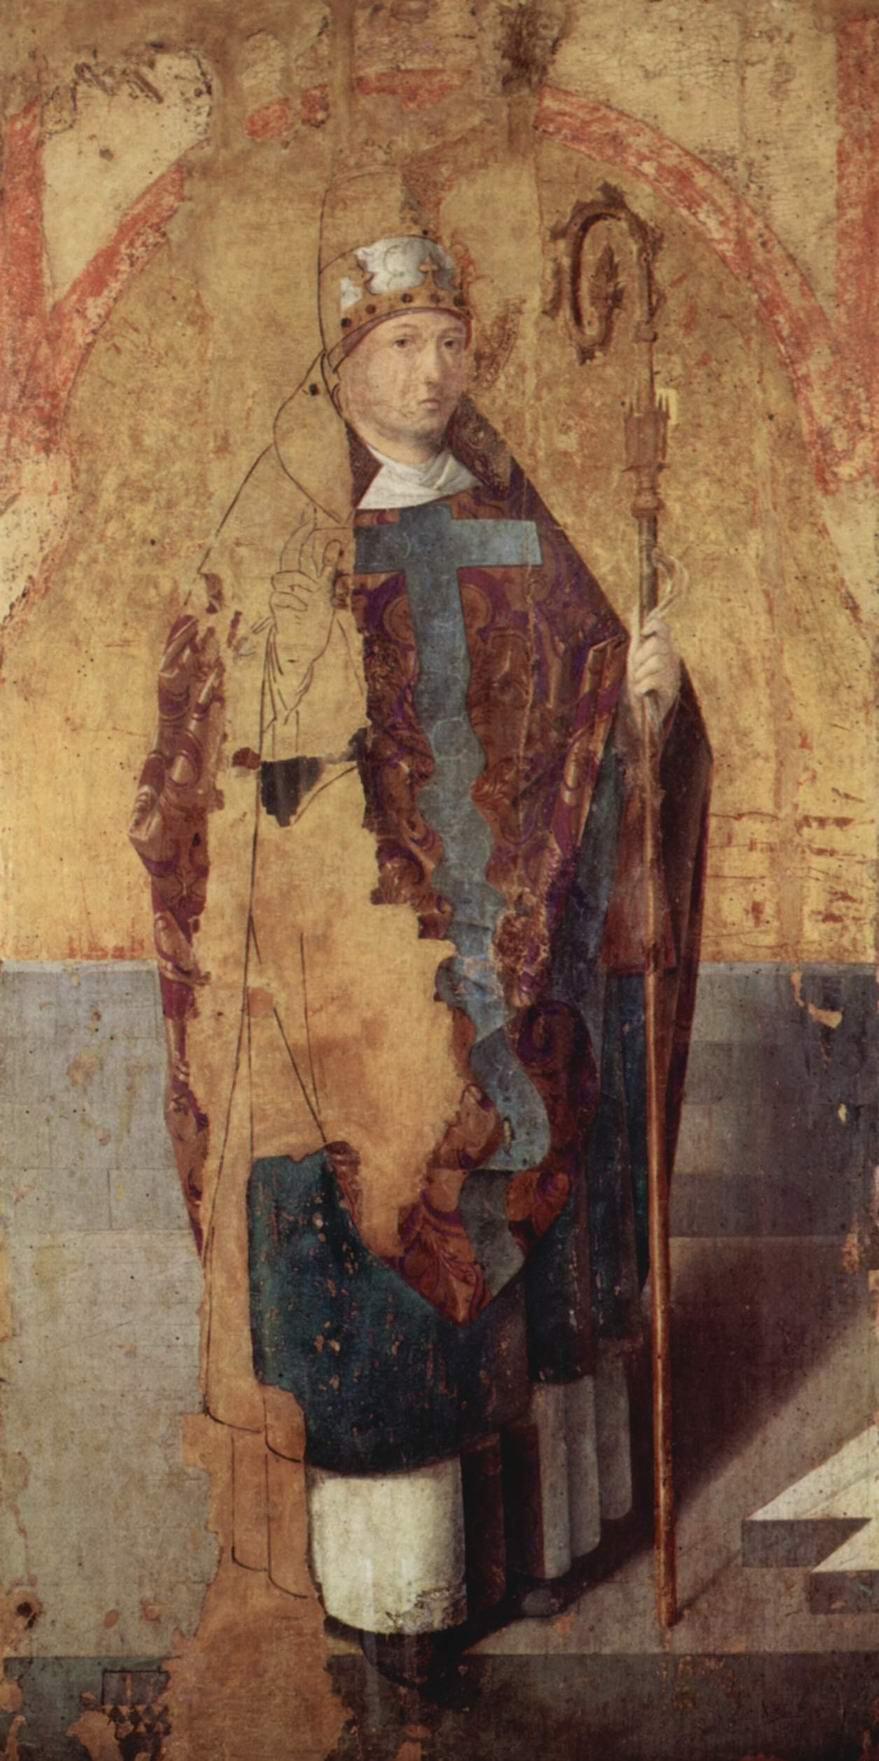 Полиптих св. Григория, левая доска, св. Григорий, Антонелло да Мессина